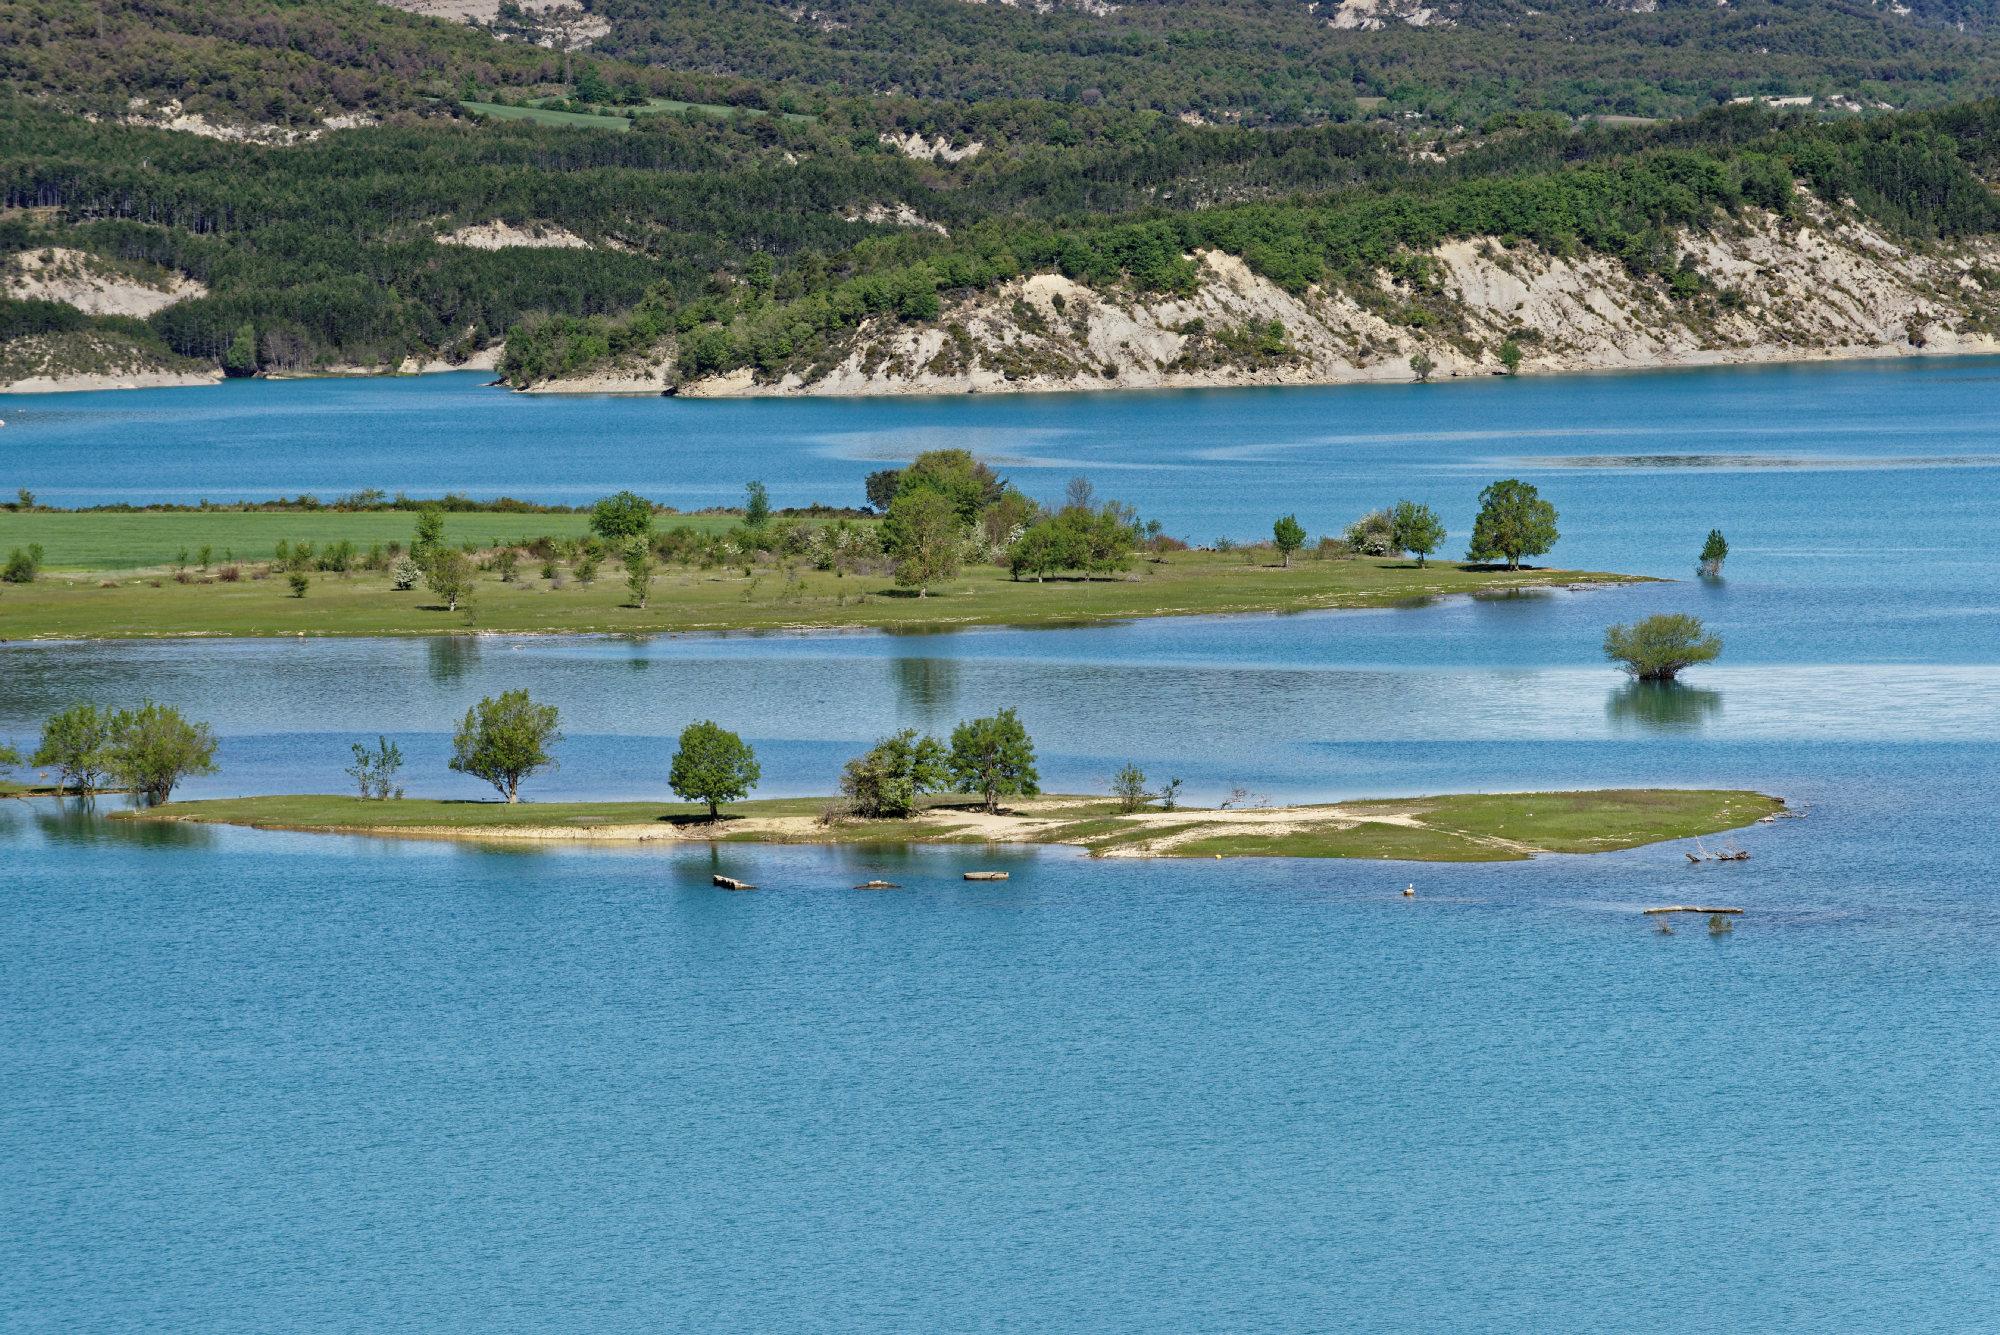 150428-Lac Mediano - Chateau Samitier - Liguerre de Cinca (Sobrarbe) (121)